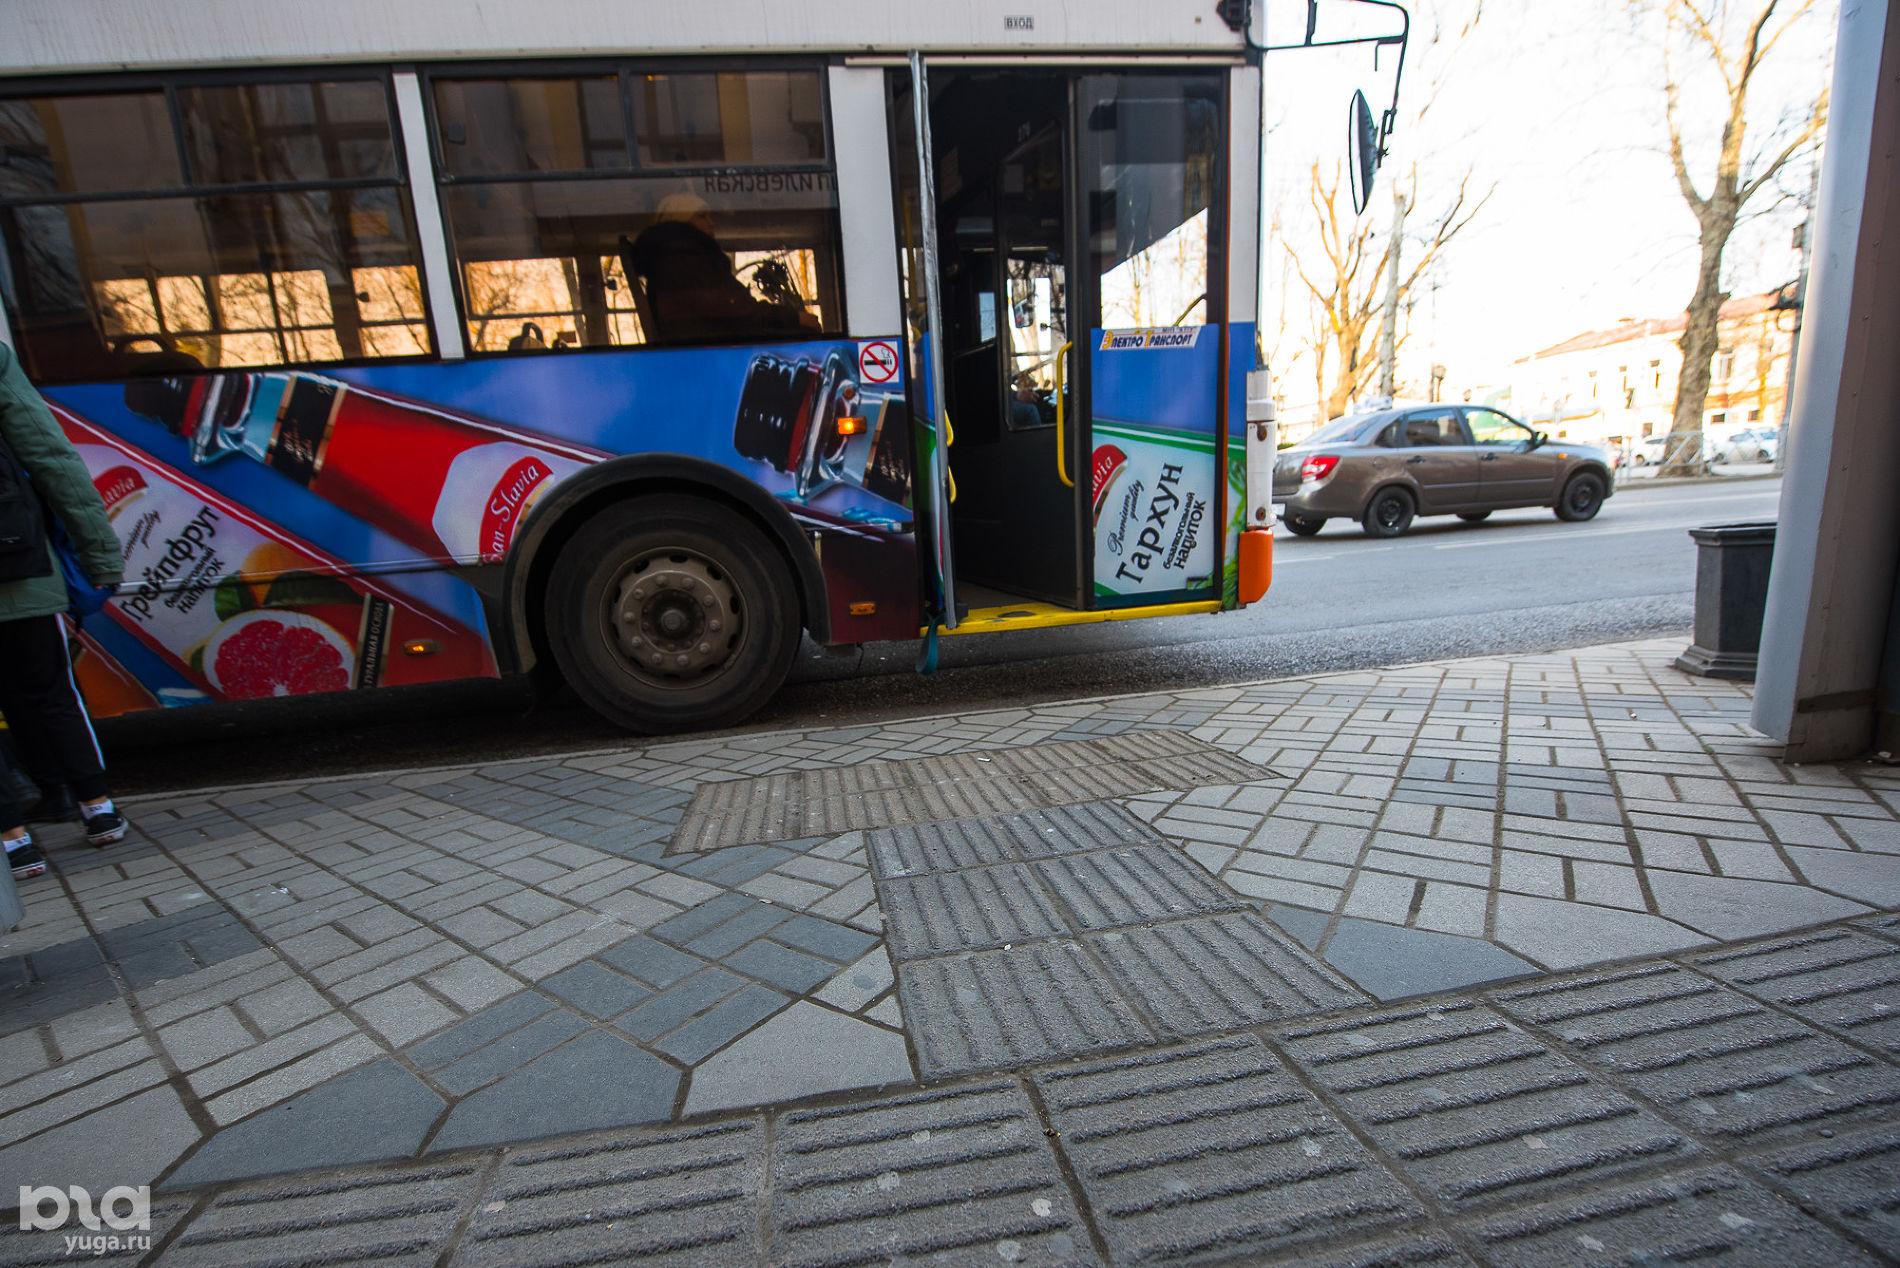 Тактильная плитка на остановке на ул. Мира ©Фото Елены Синеок, Юга.ру